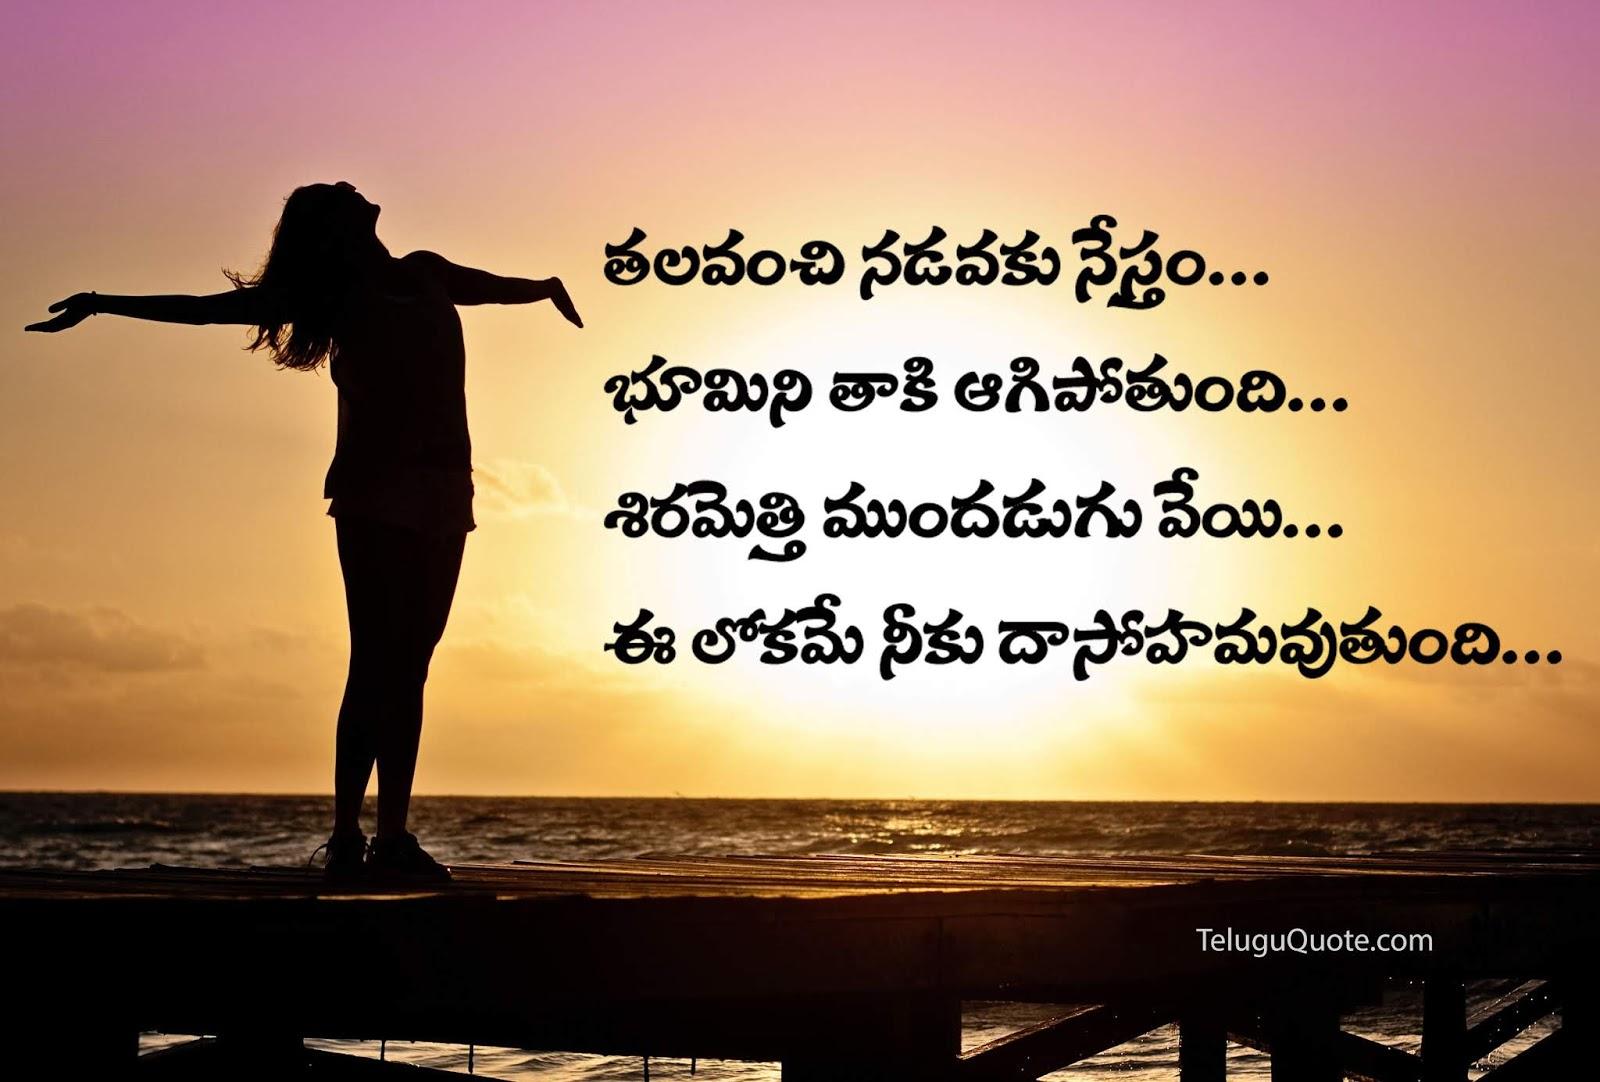 Telugu Motivational Images